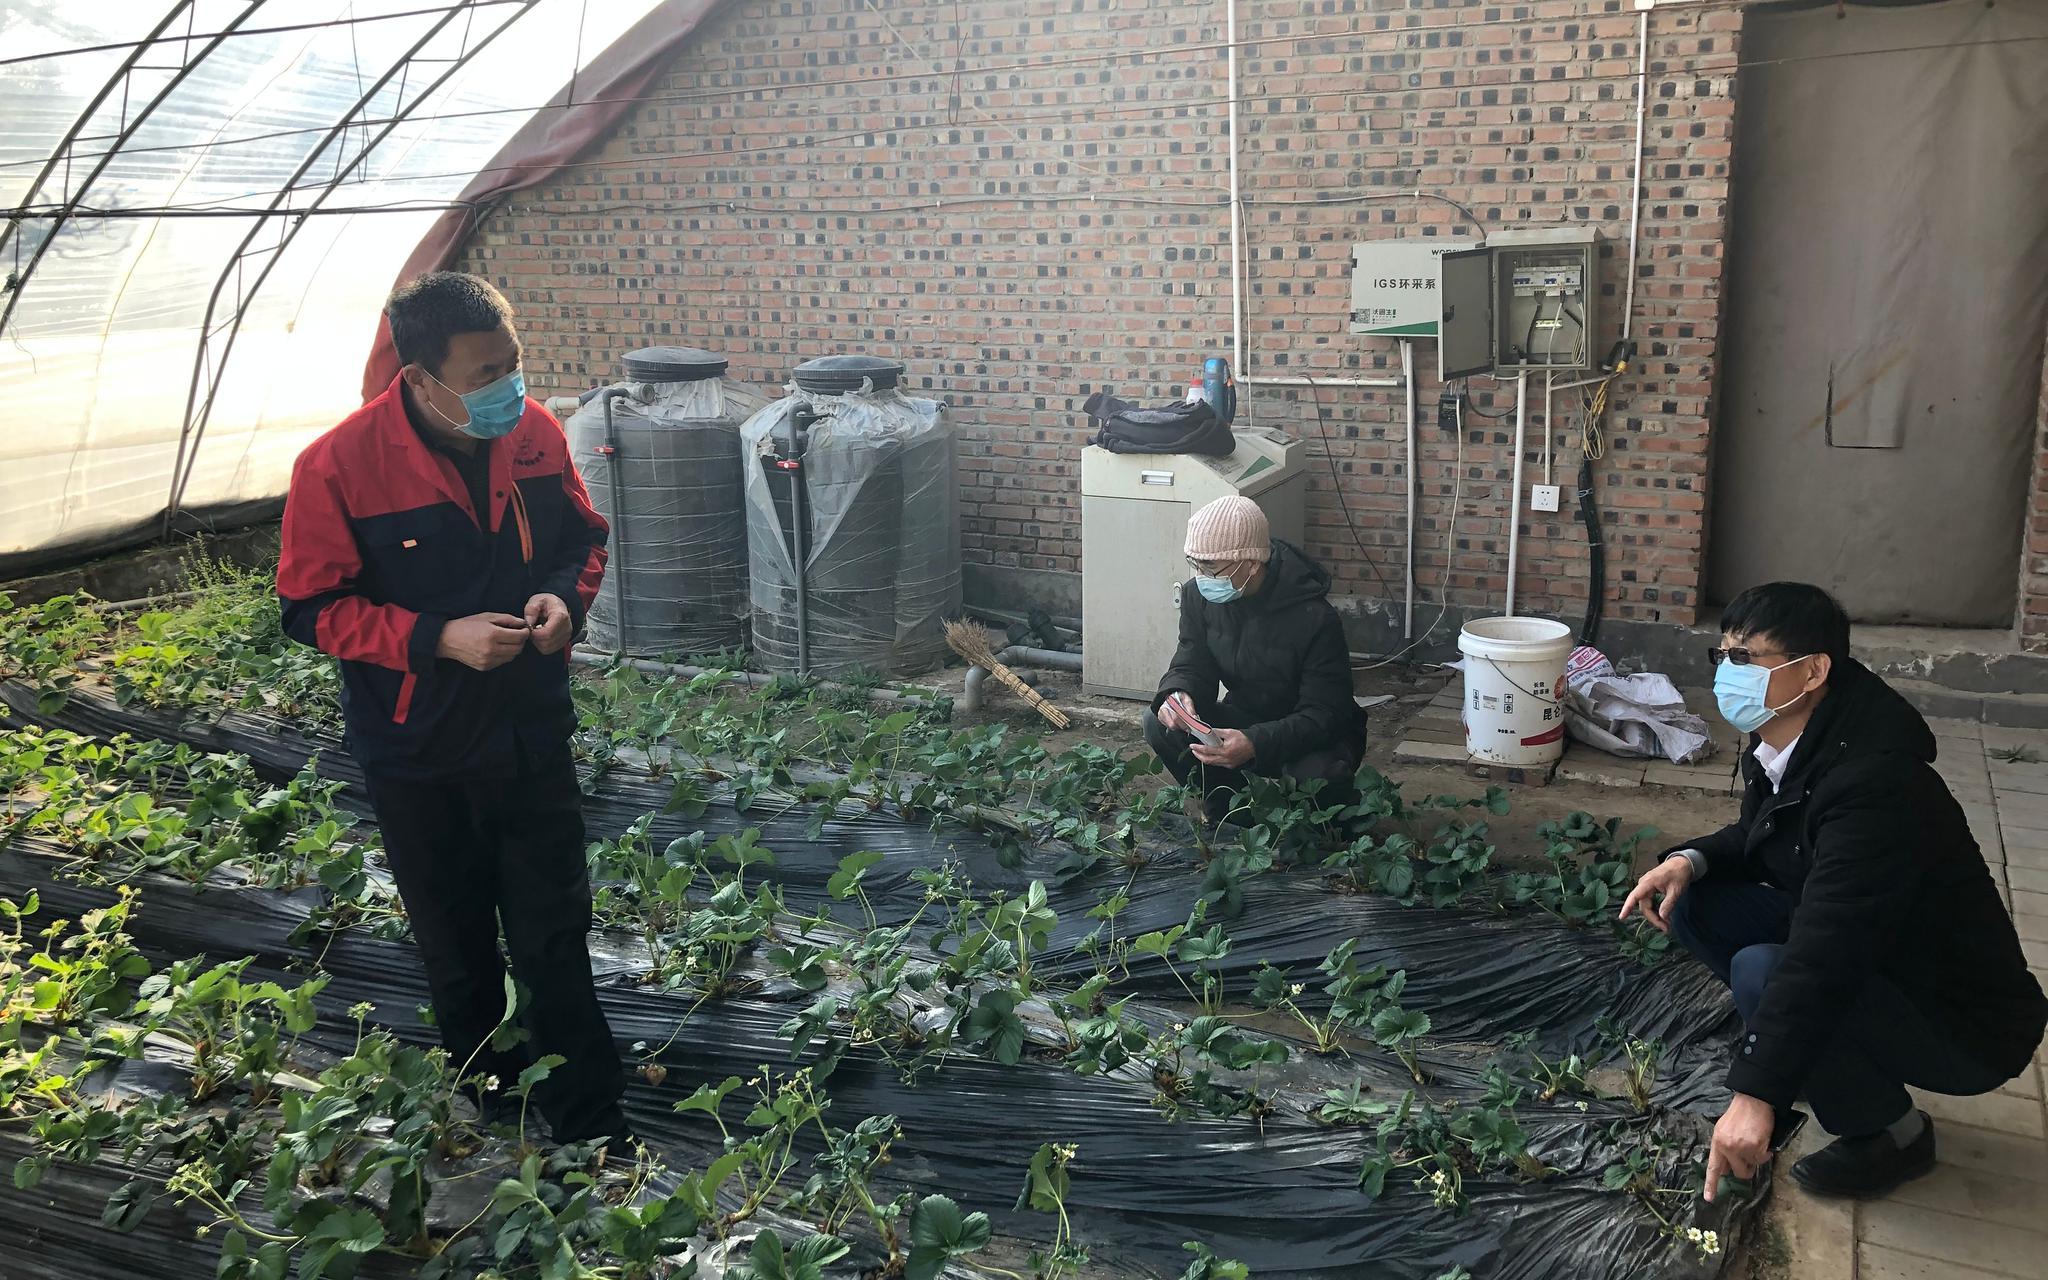 防疫不误农时,北京派技术专家到地头指导春耕图片